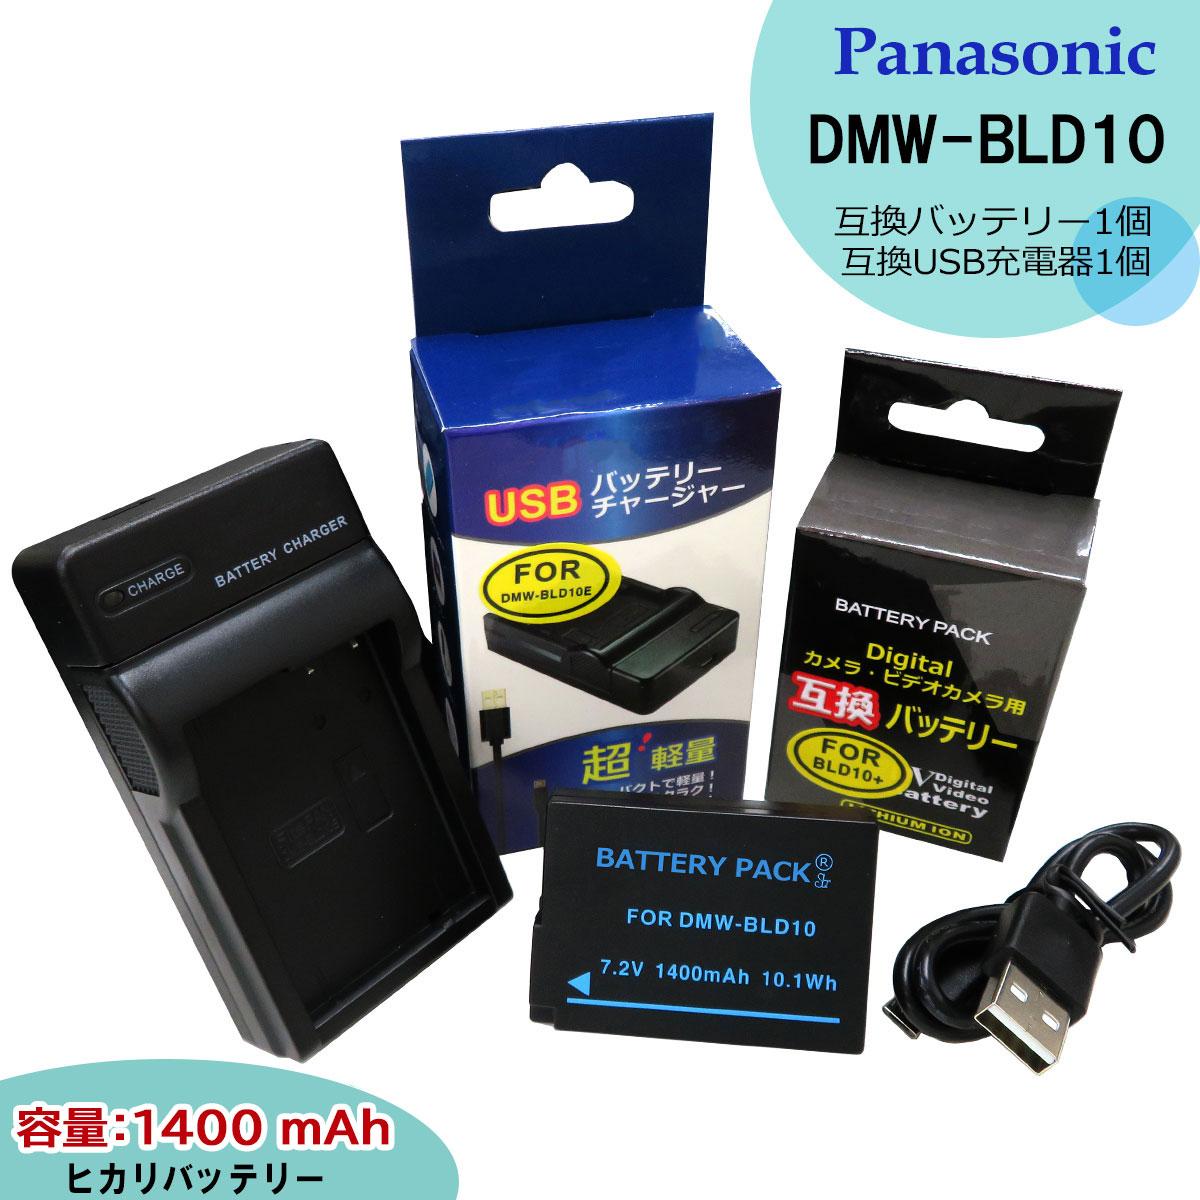 【あす楽対応】PANASONIC パナソニック DMW-BLD10 互換バッテリー 1個 と DMW-BTC7 互換USB充電器の2点セットDMC-GX1 / DMC-GX1-S / DMC-GX1-K / MC-GX1X / DMC-GX1X-K / DMC-GX1X-S / DMC-GX1W デジタル一眼カメラ対応可能